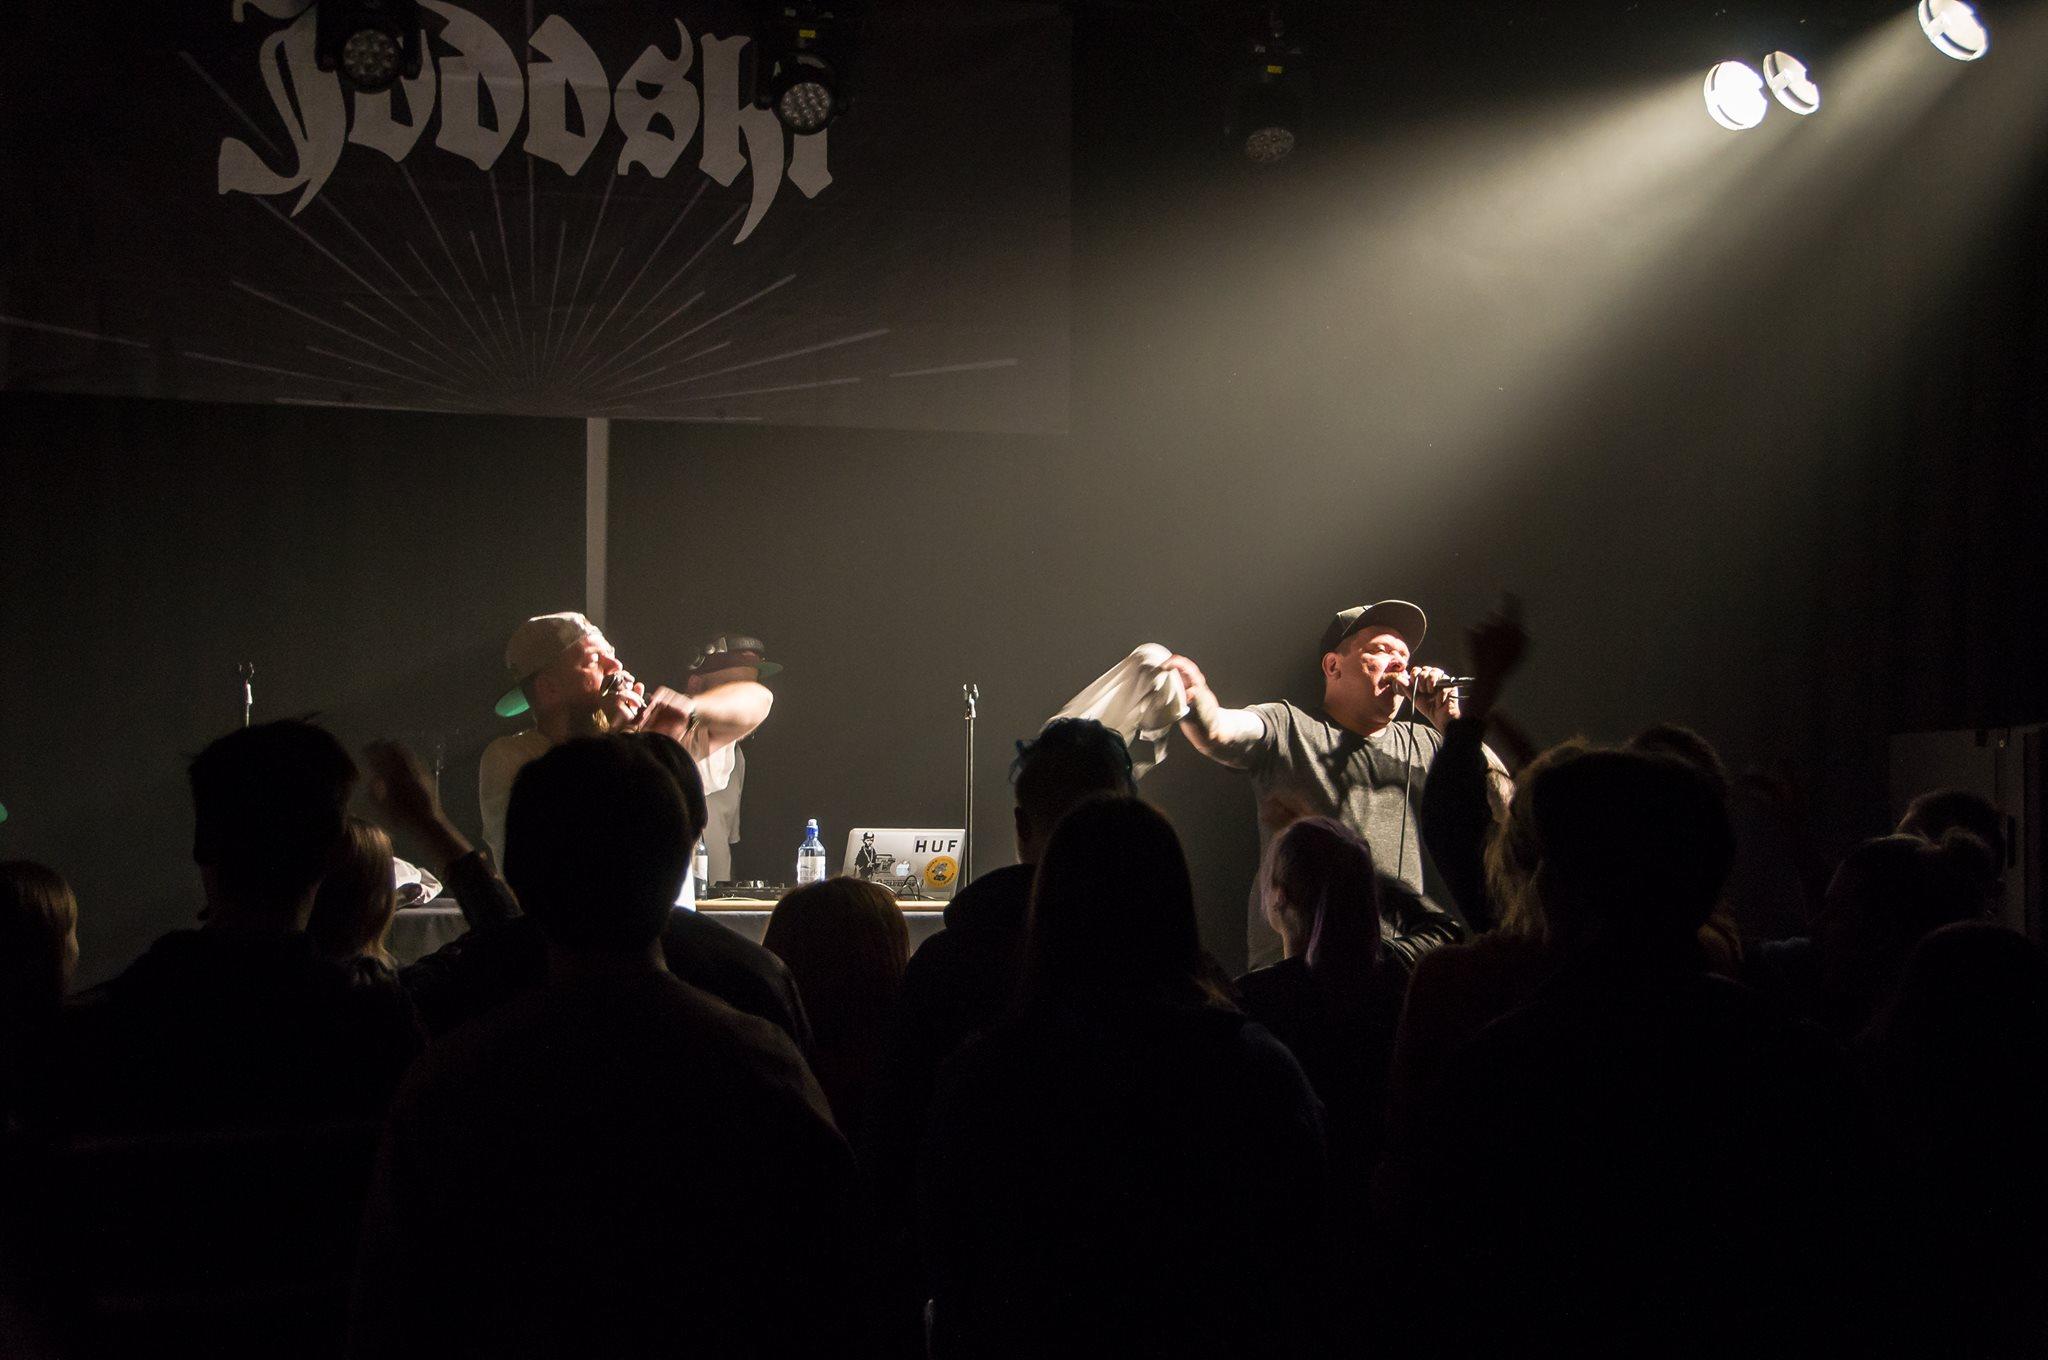 Joddski konsert 13.10.18